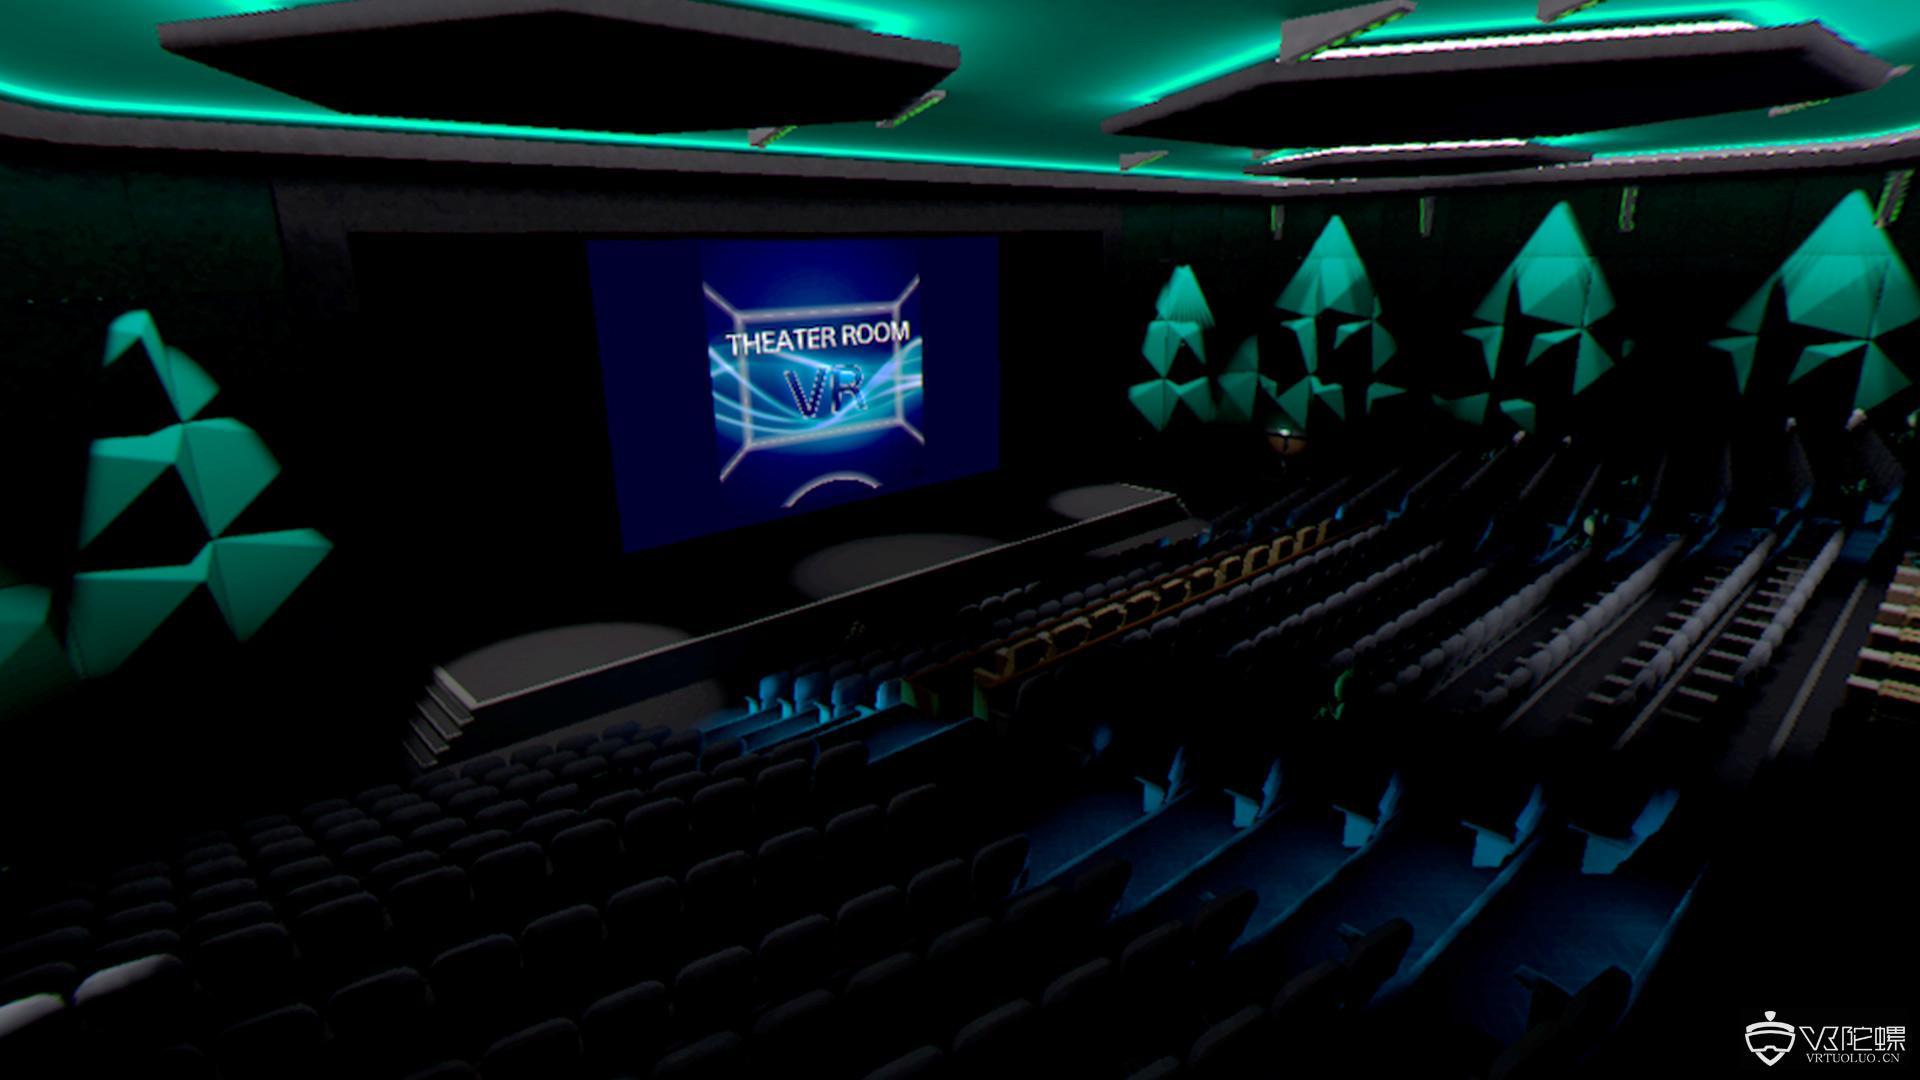 索尼在日本推出社交VR影院《Theater Room VR》,已免费登陆PSVR